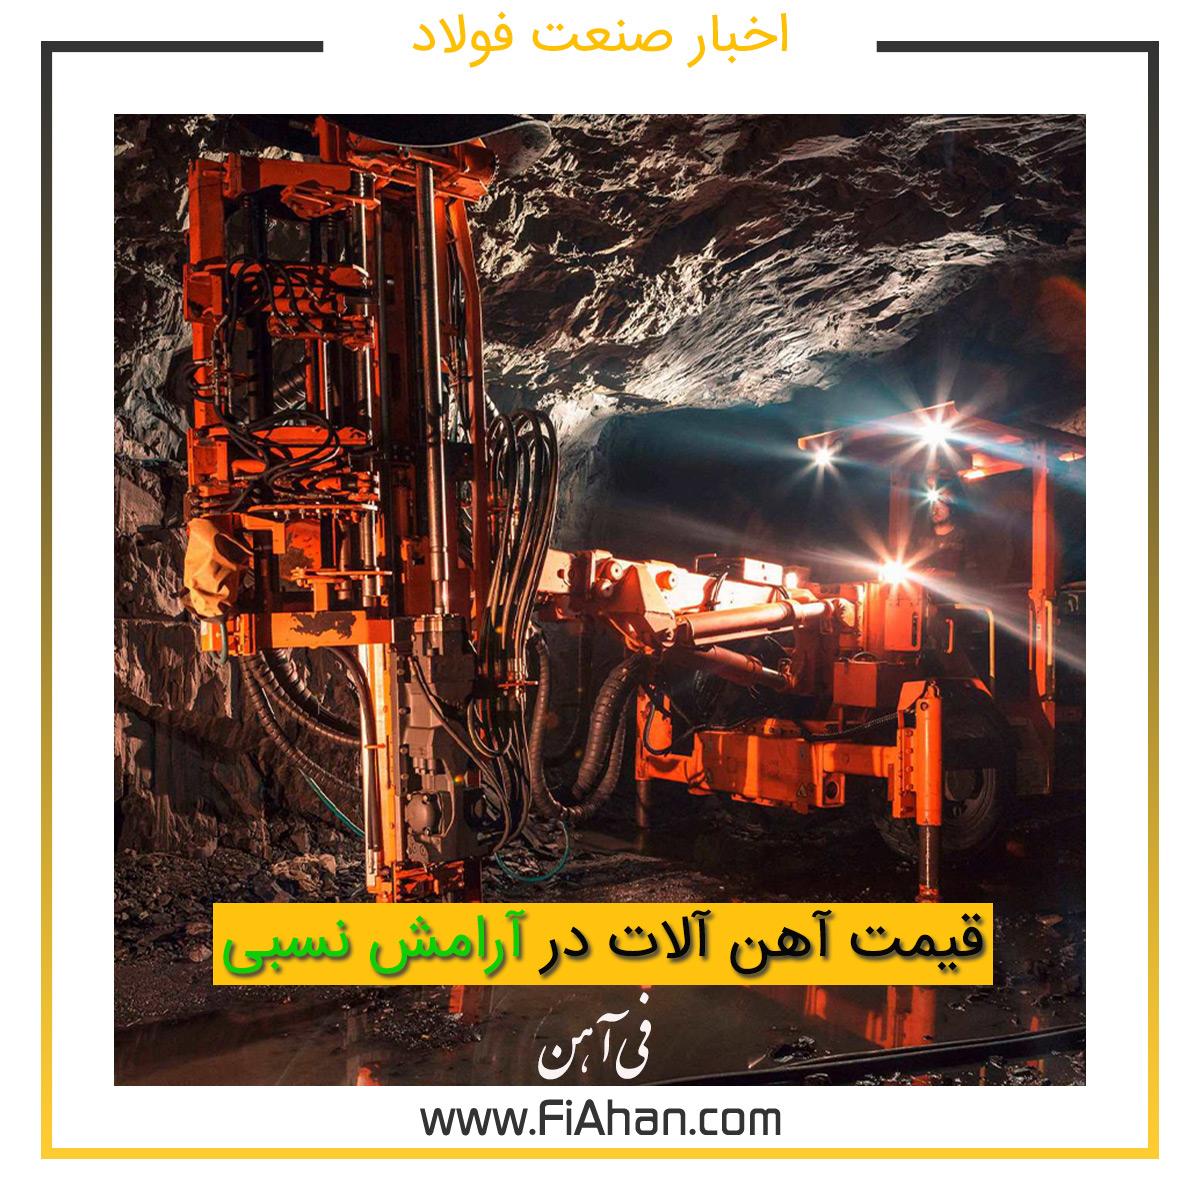 قیمت آهن آلات در آرامش نسبی